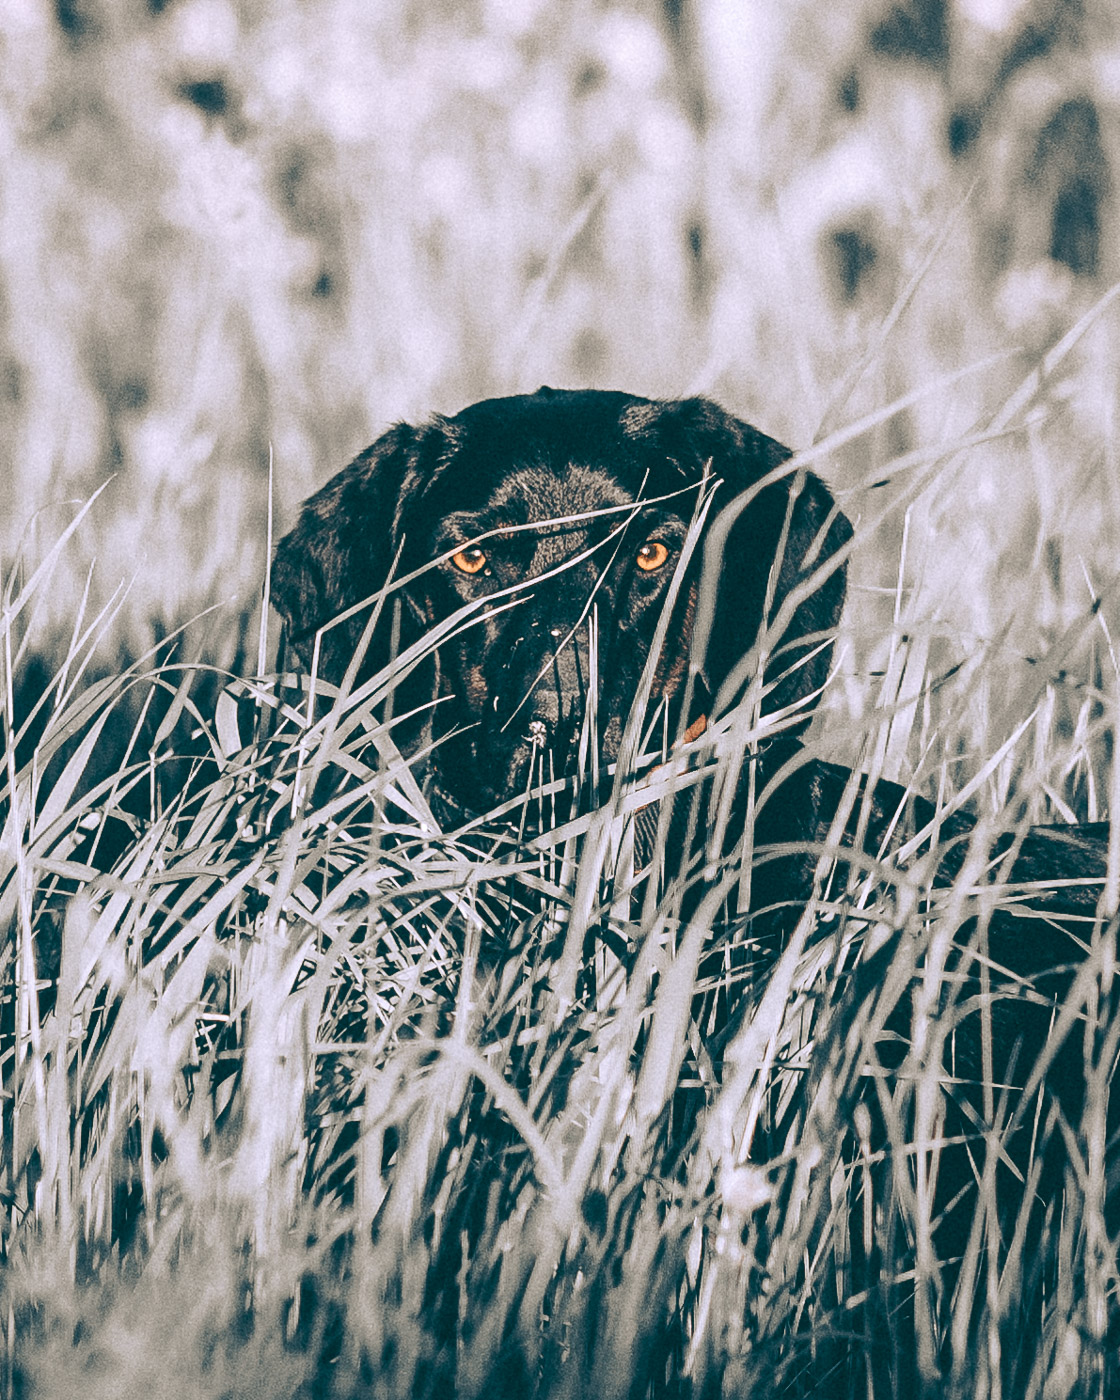 ZIBART.DE - animal - lowq - 2018.05.05 - 09143.JPG